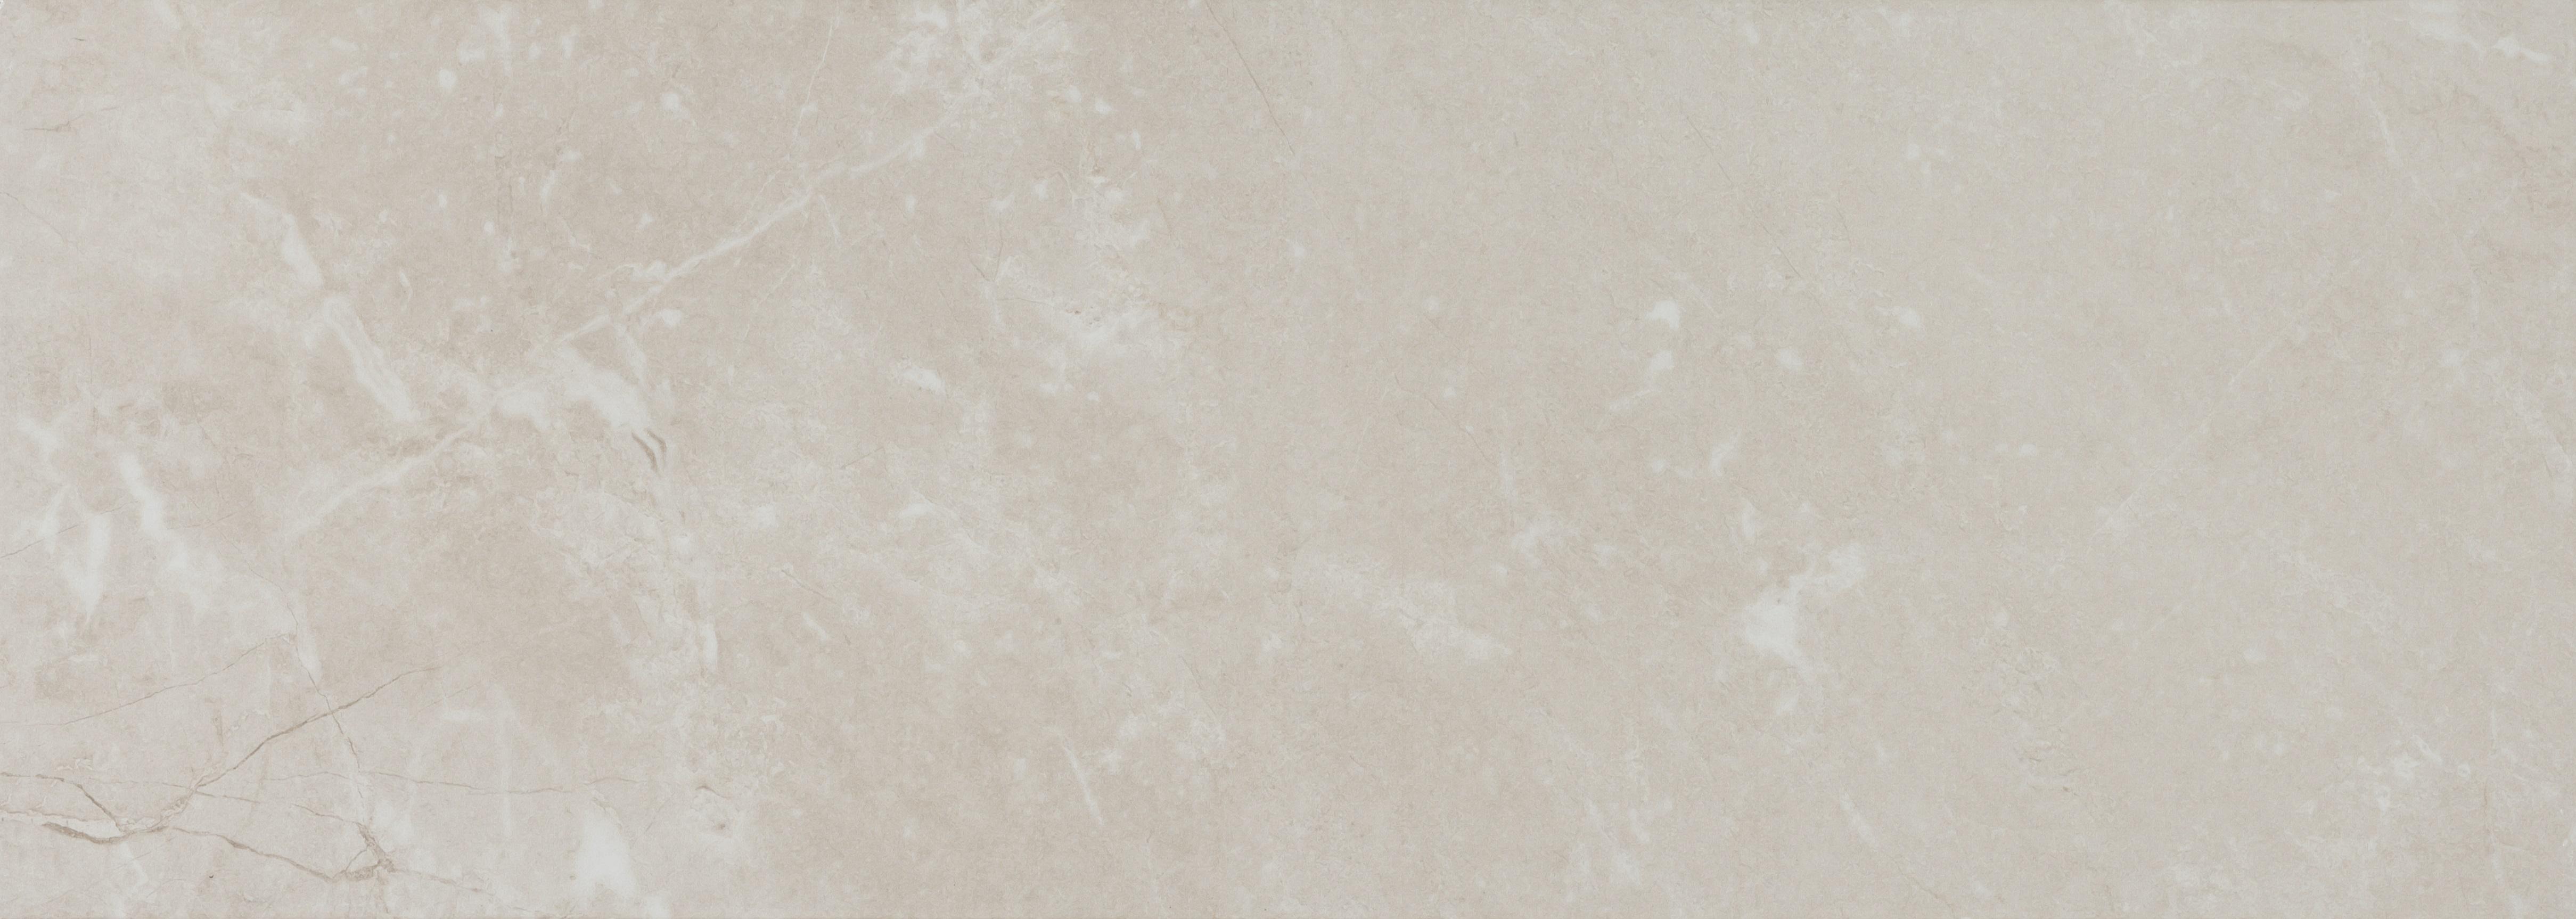 Louvre marfil 25x70 - Hansas Plaadimaailm